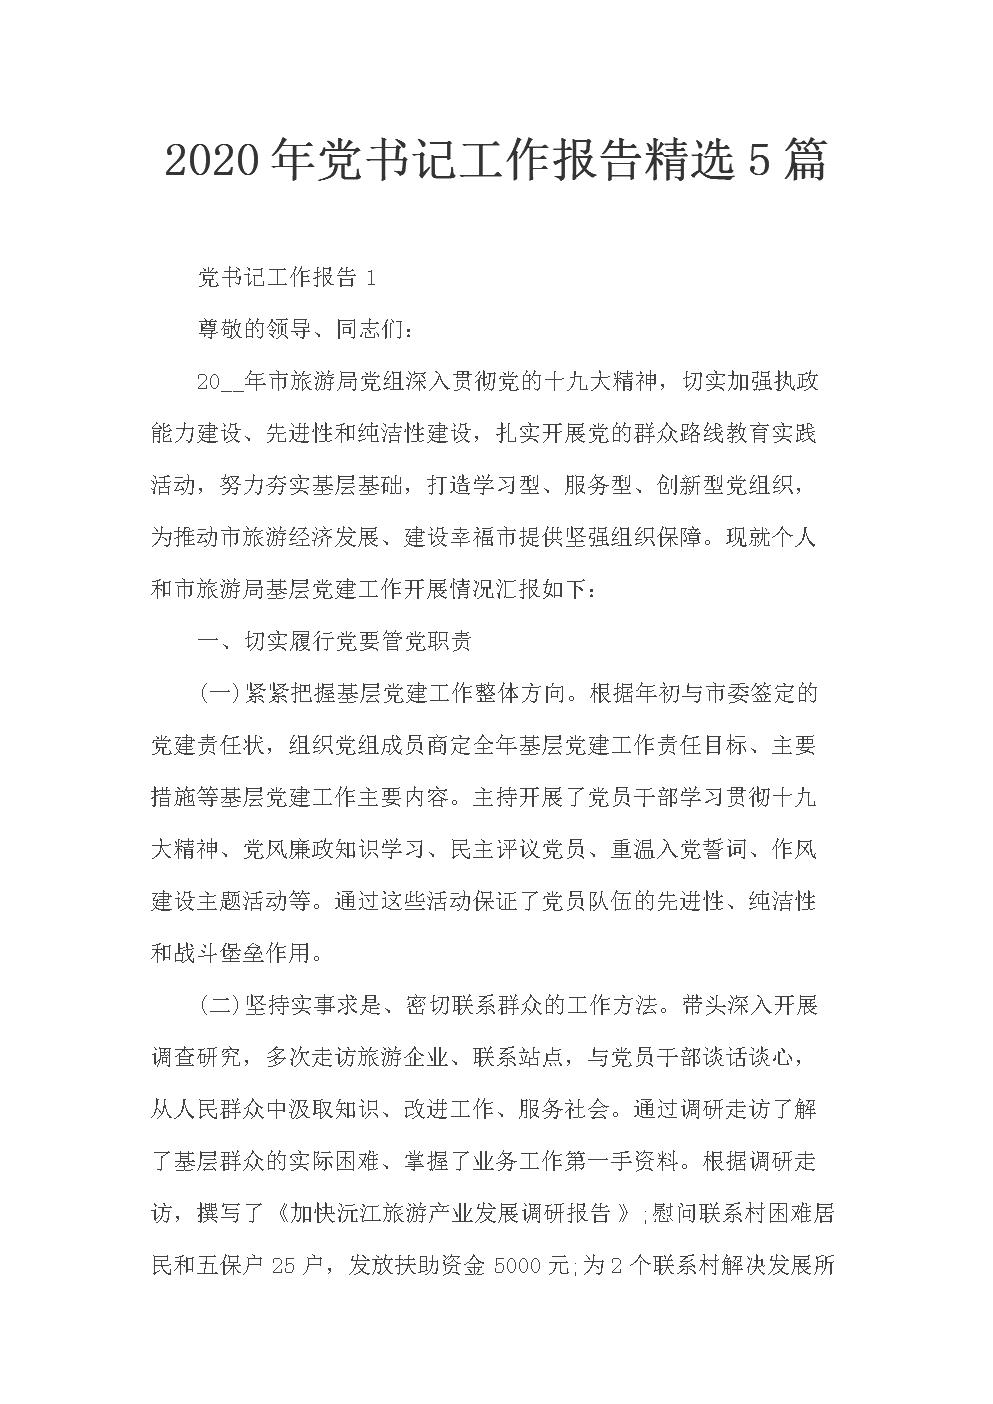 2020年党书记工作报告精选5篇.docx